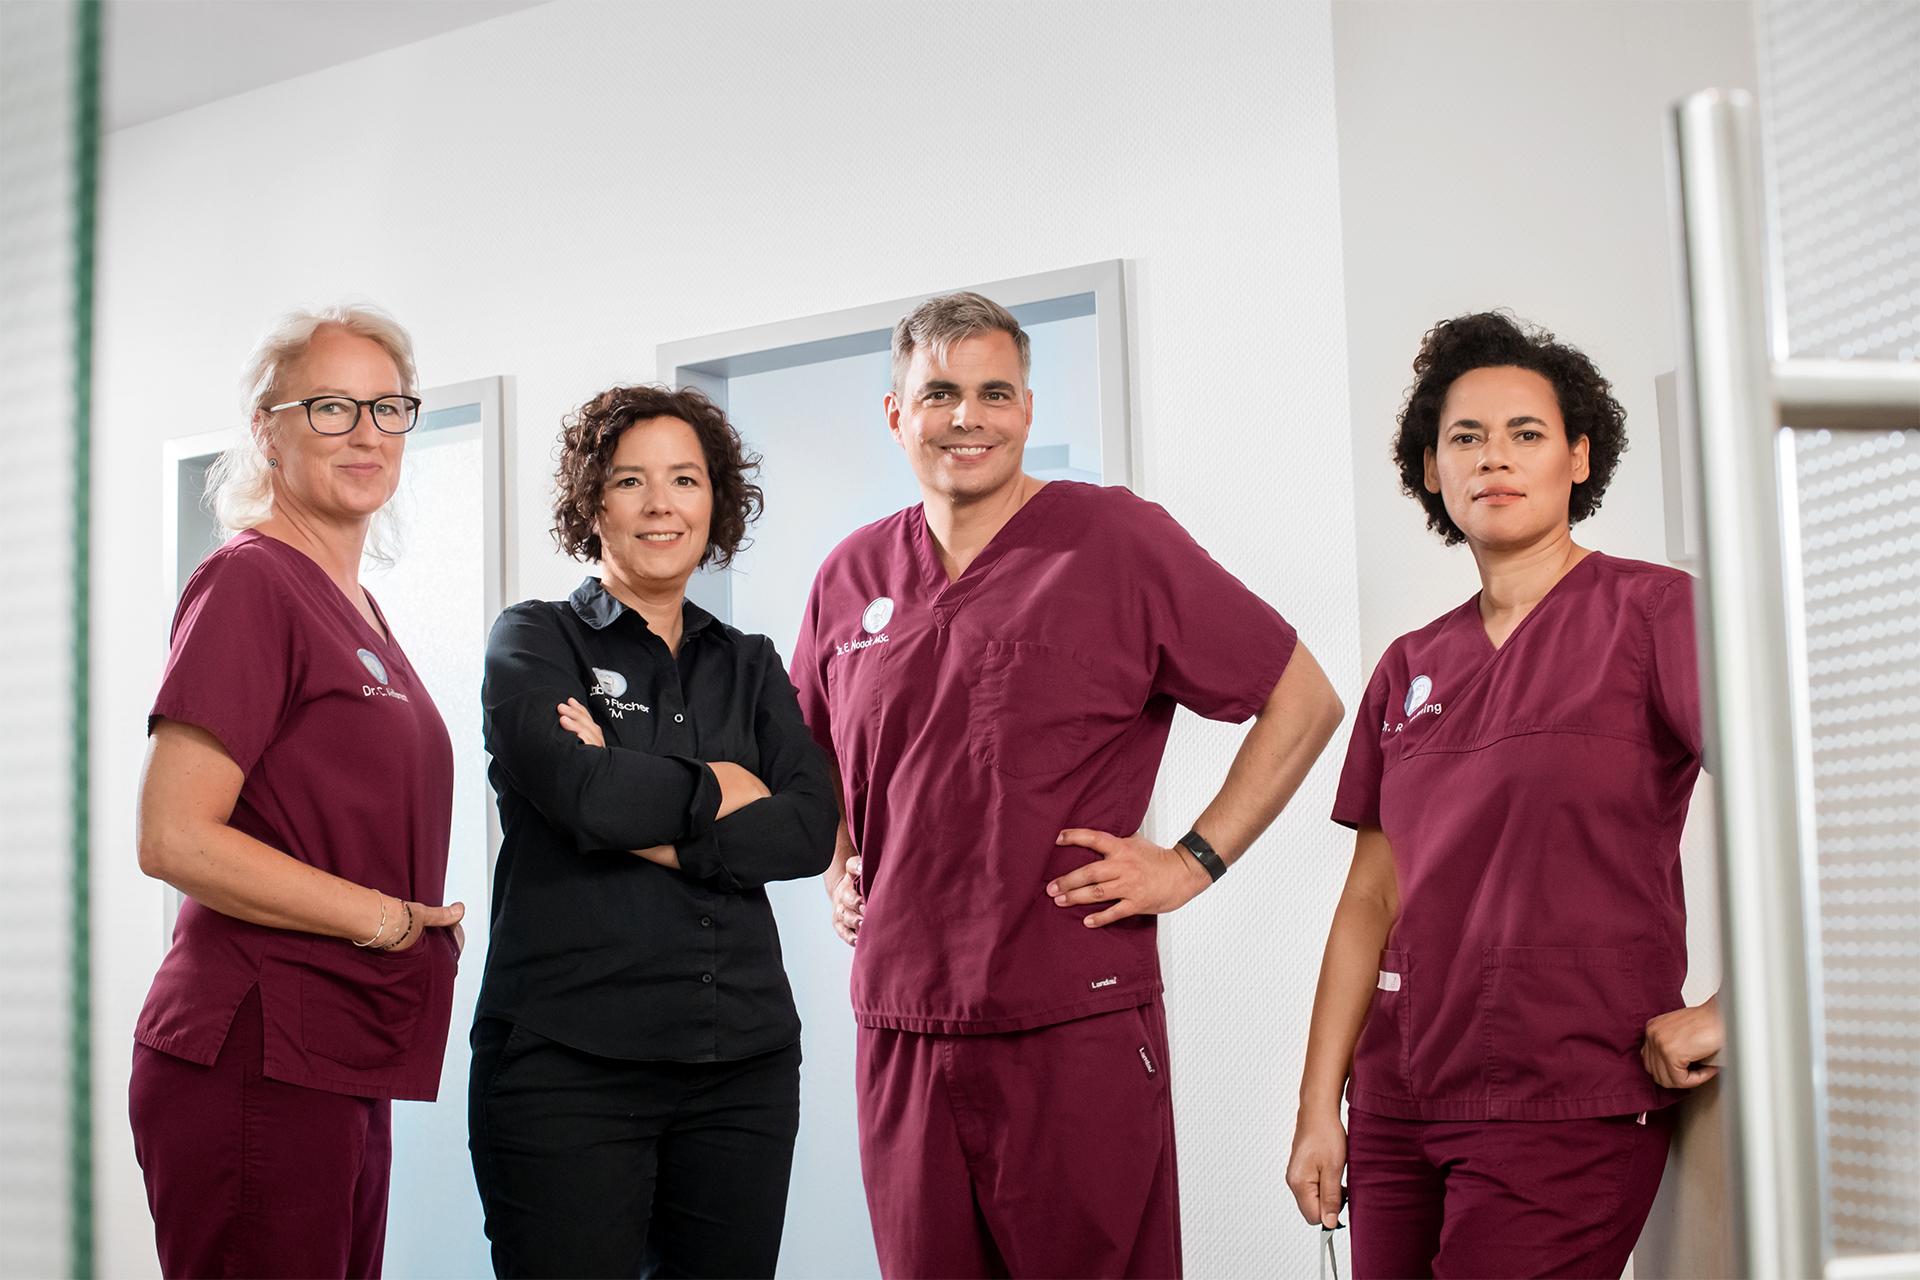 Spezialisierte Behandler & Zahntechnikermeisterin! | Zahnärzte am Papenberg